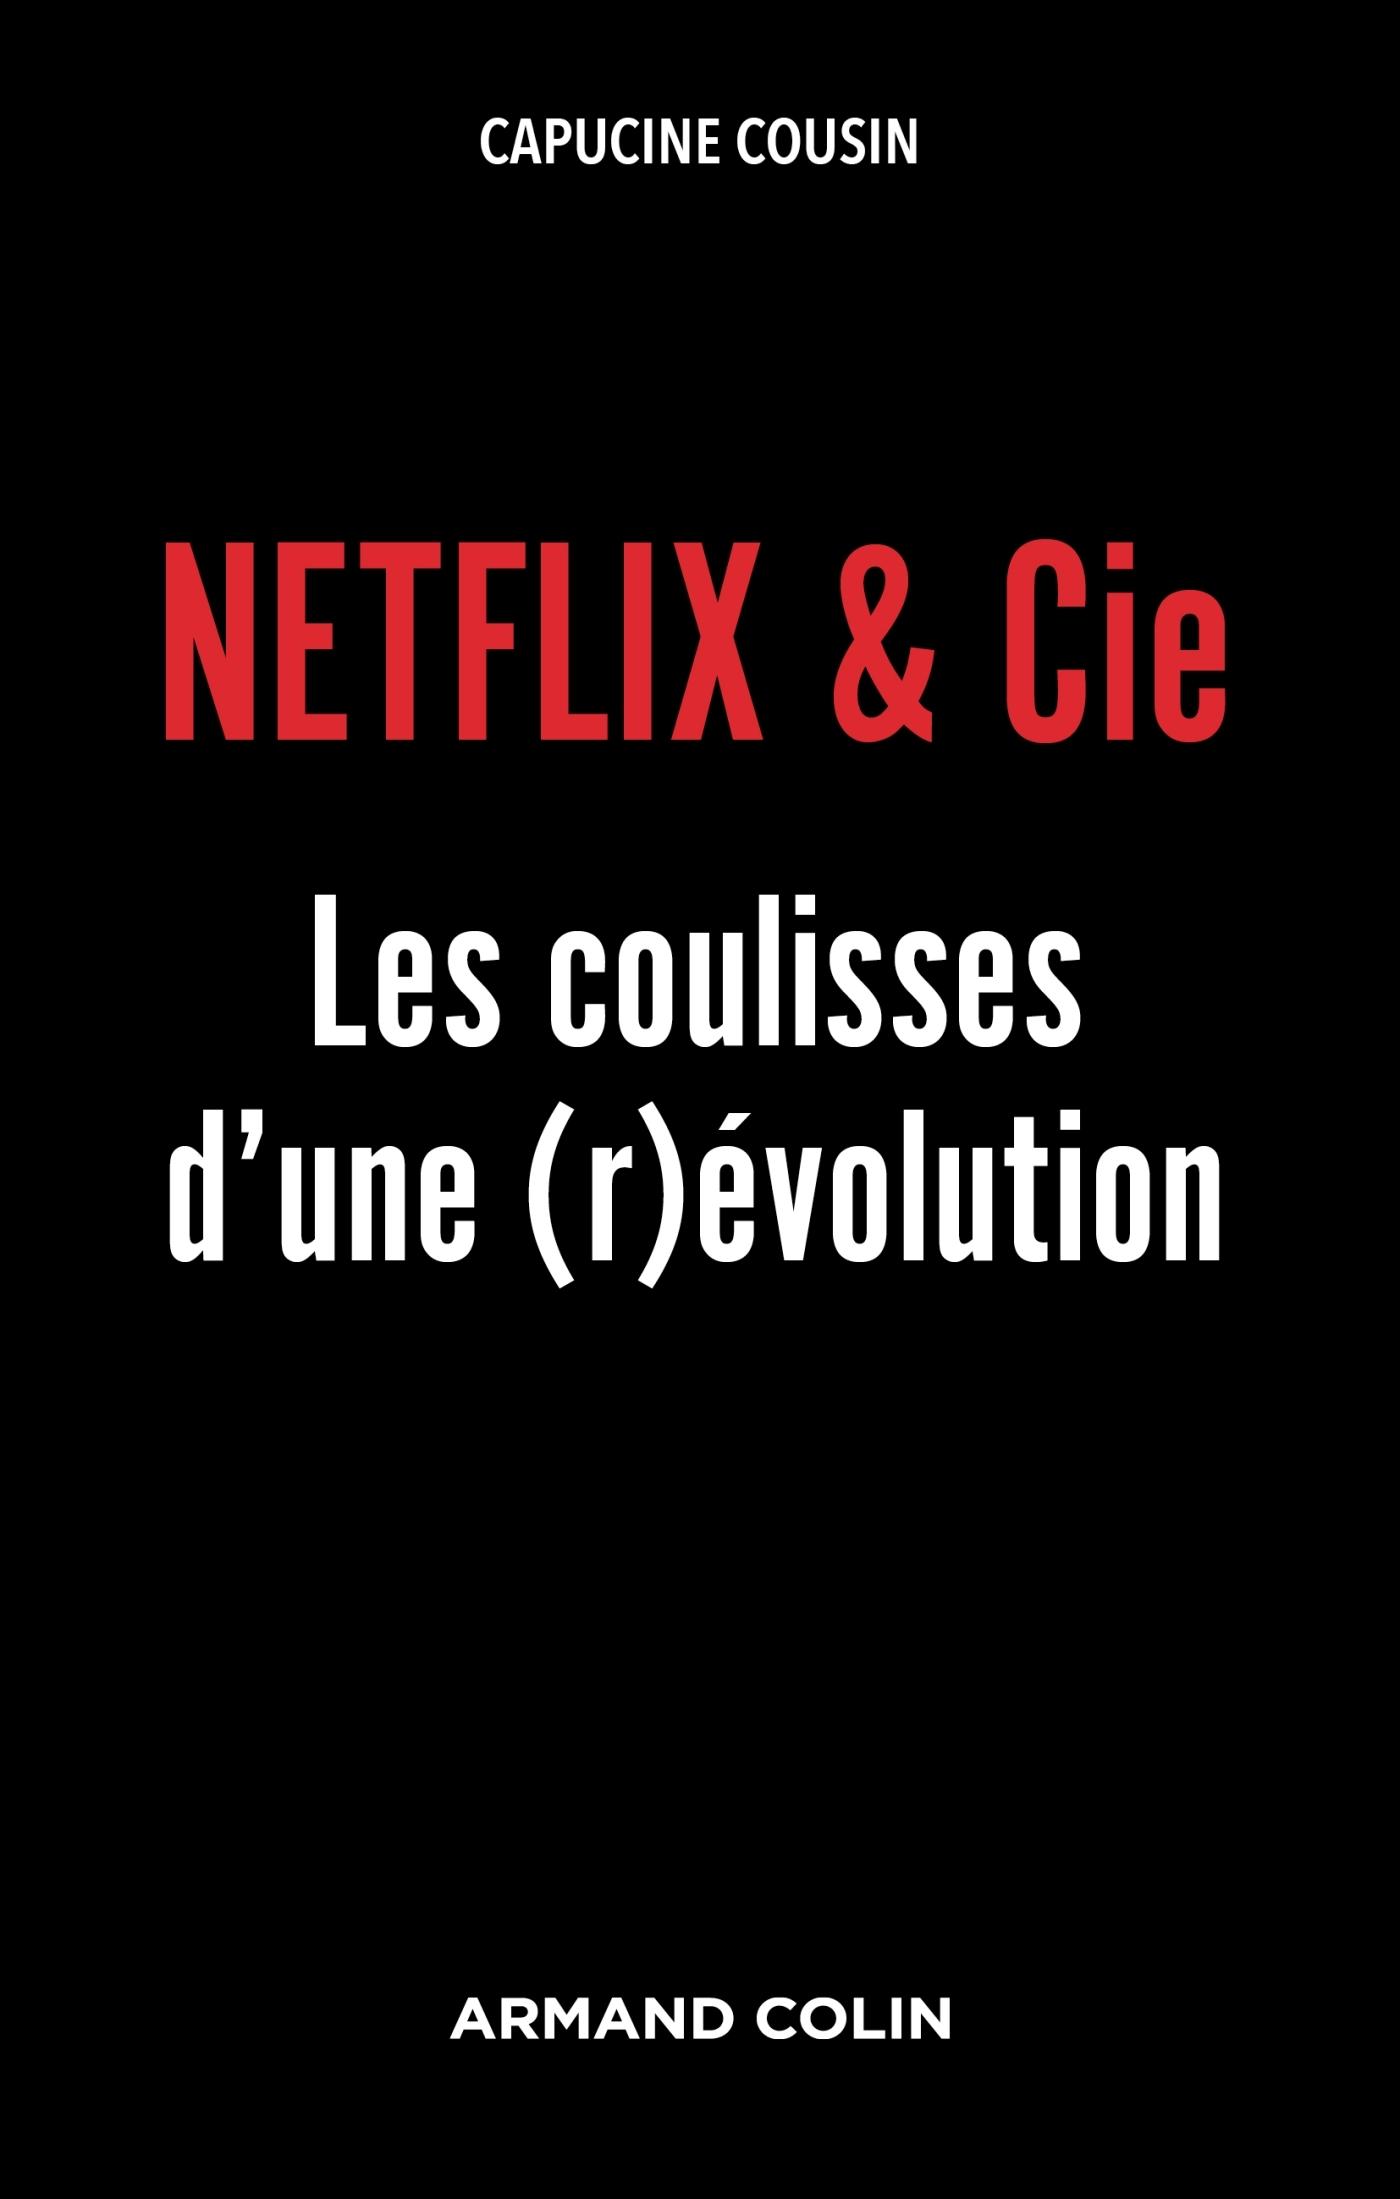 NETFLIX & CIE - LES COULISSES D'UNE (R)EVOLUTION